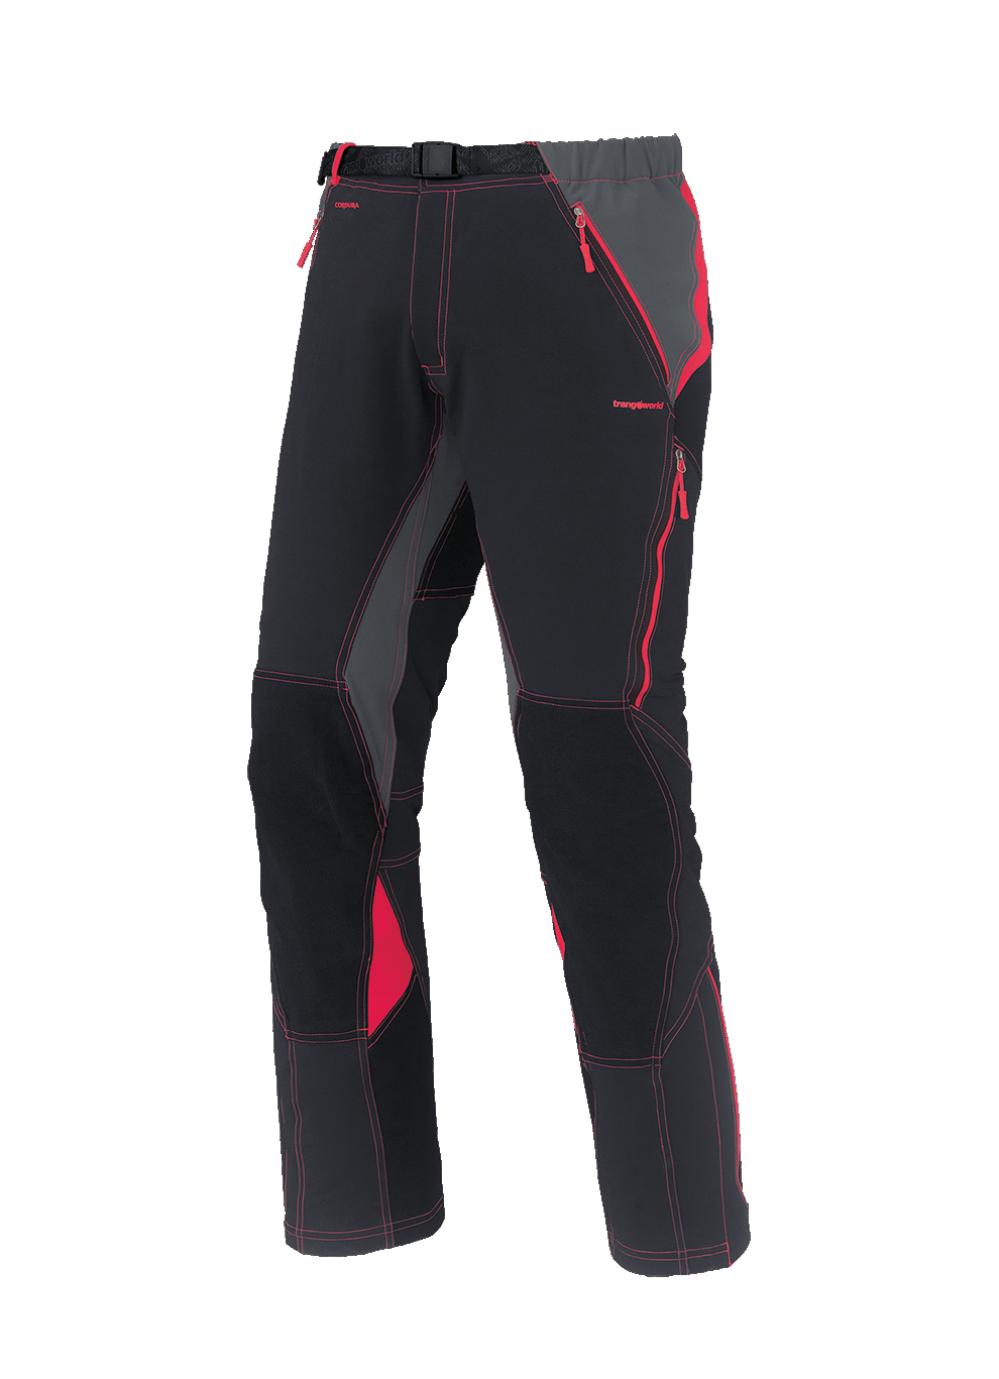 TRANGOWORLD pantalón Hokka para hombre 4213